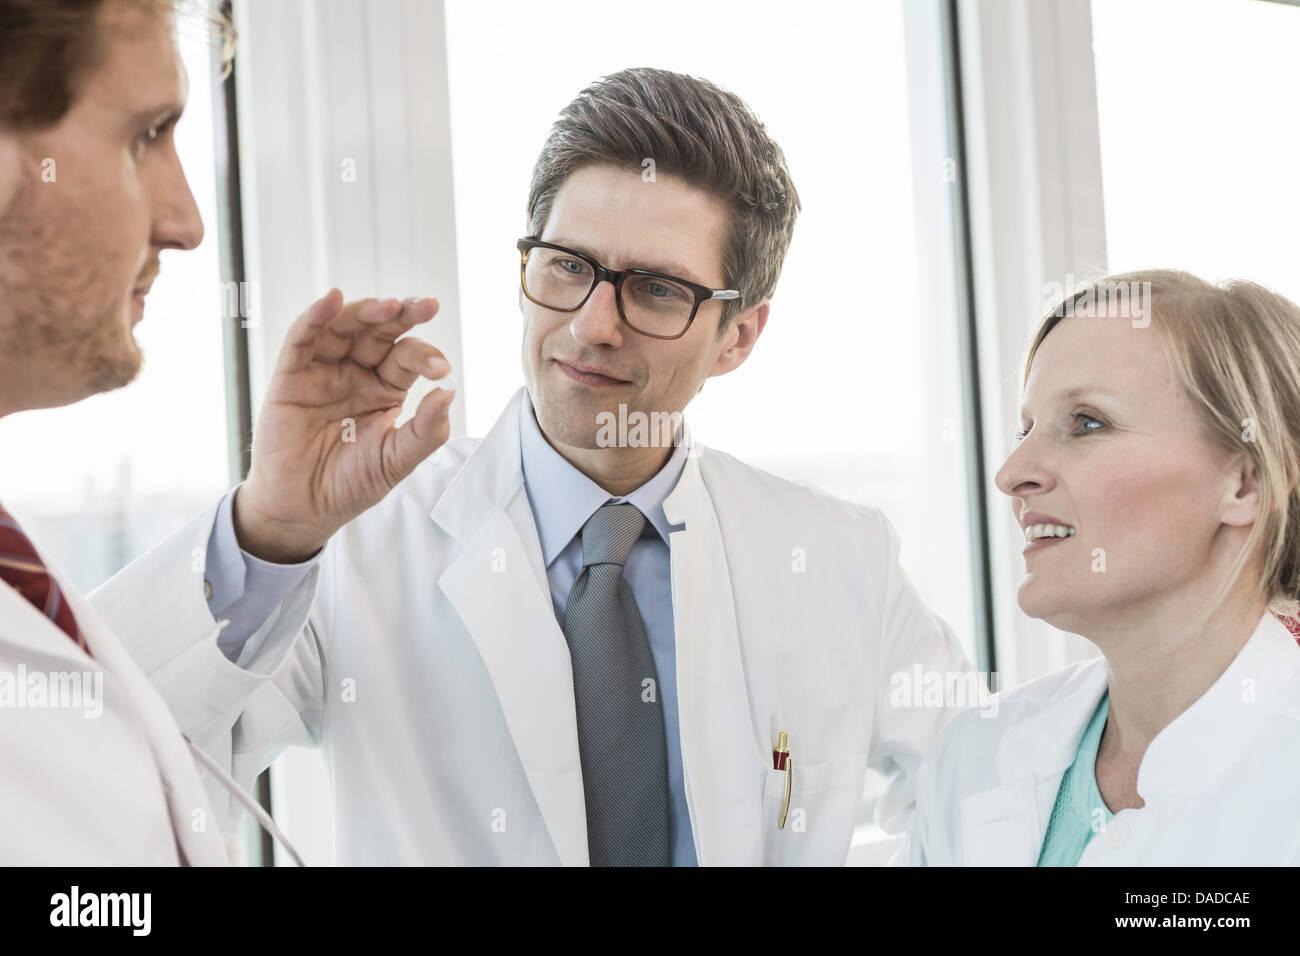 Tre persone che indossano camici da laboratorio guardando medicina compressa Immagini Stock